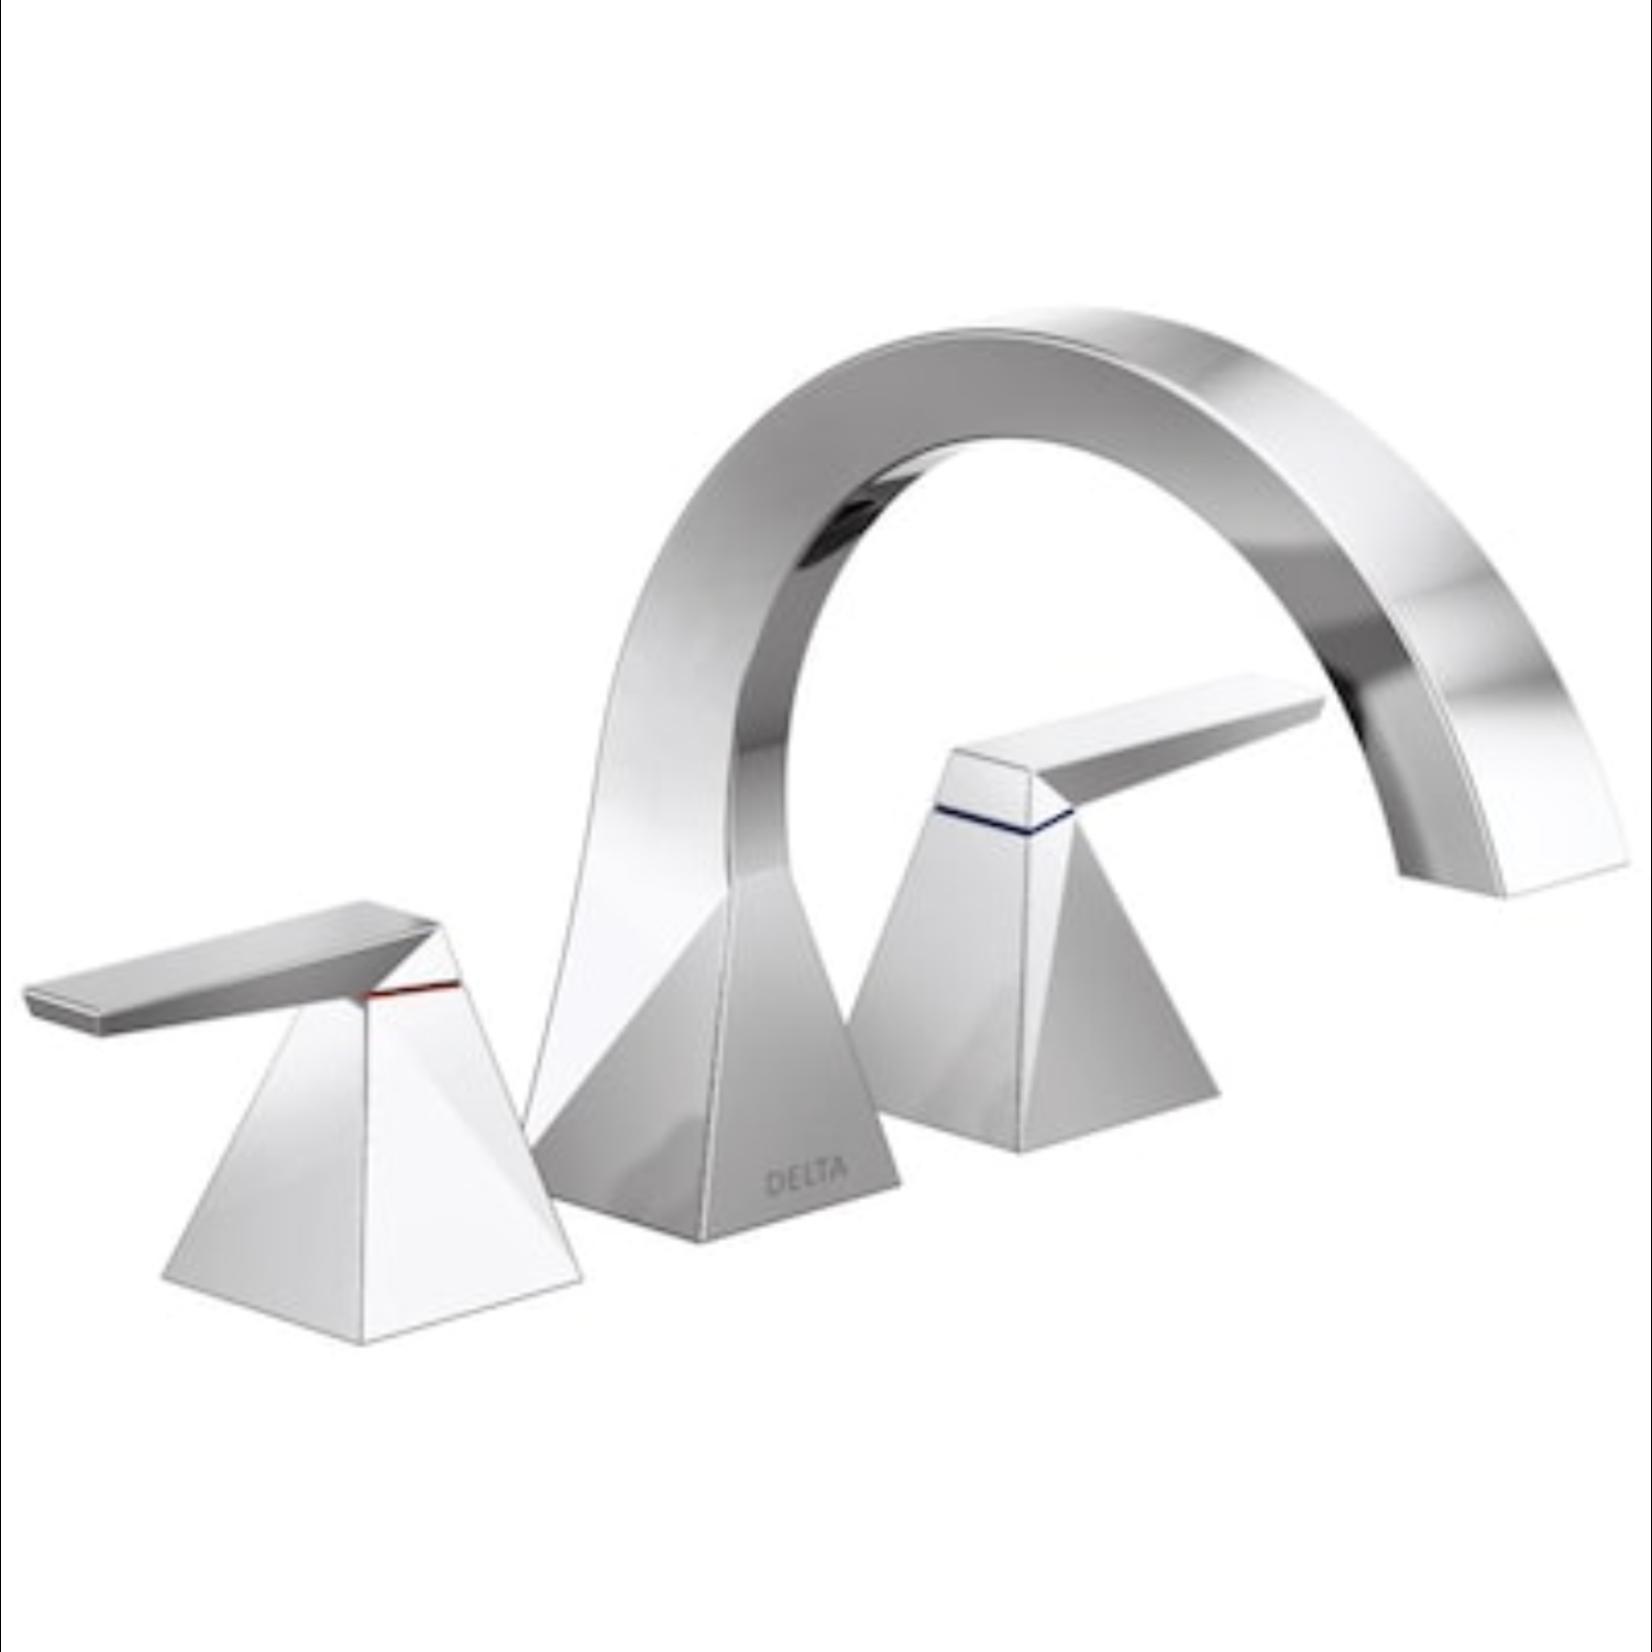 10256 Delta Trillian Chrome 2-Handle Roman Bathtub Faucet